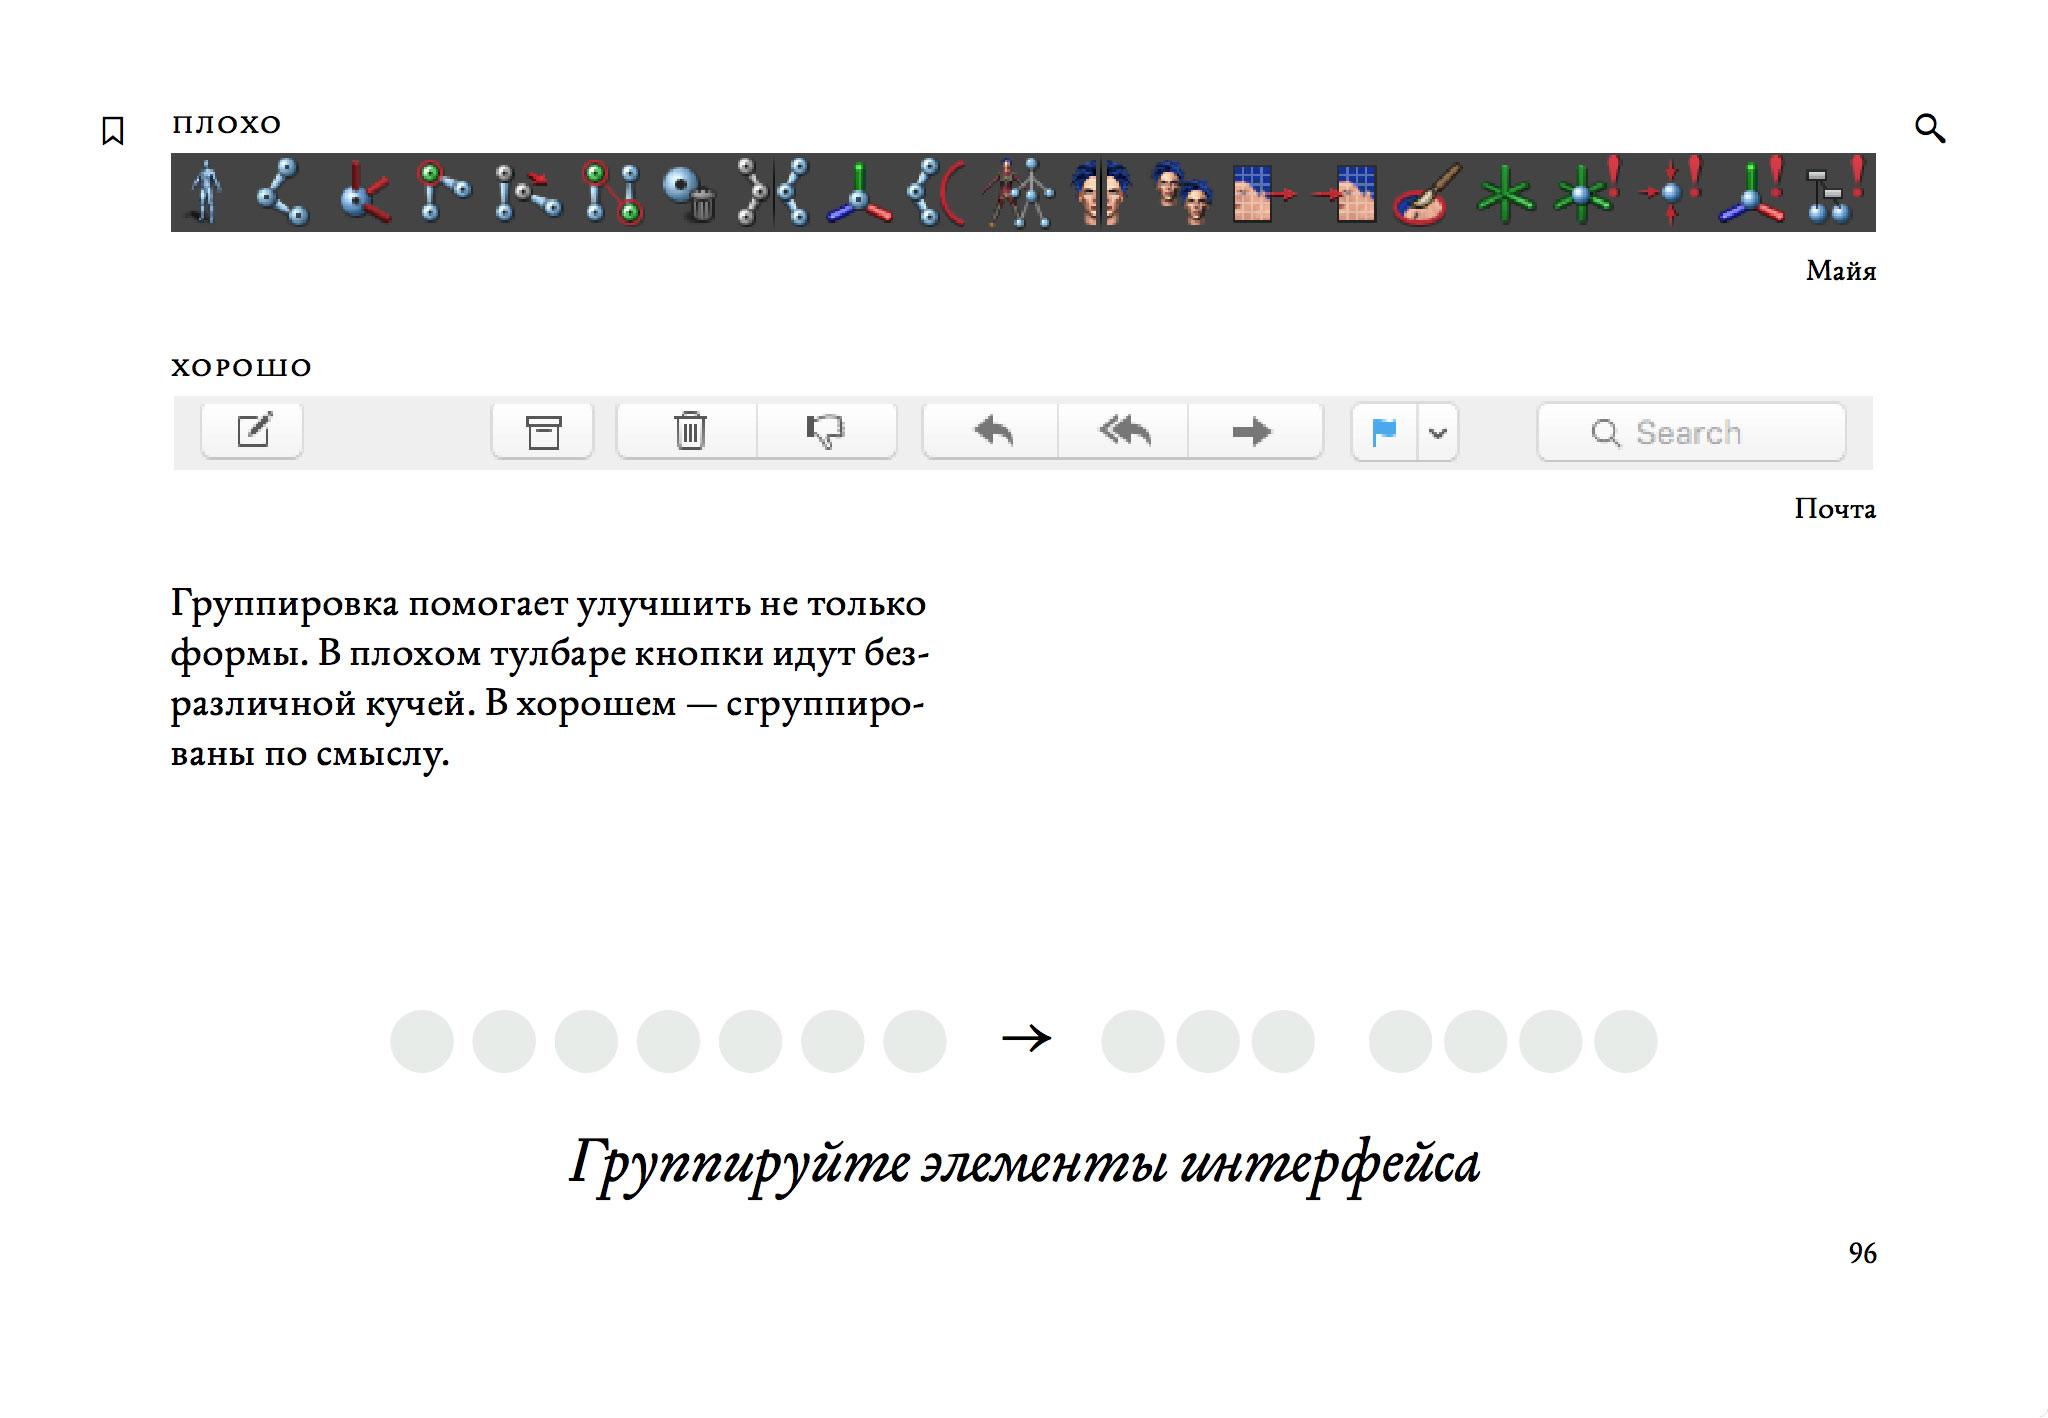 Книга «Пользовательский интерфейс»: часть второго раздела